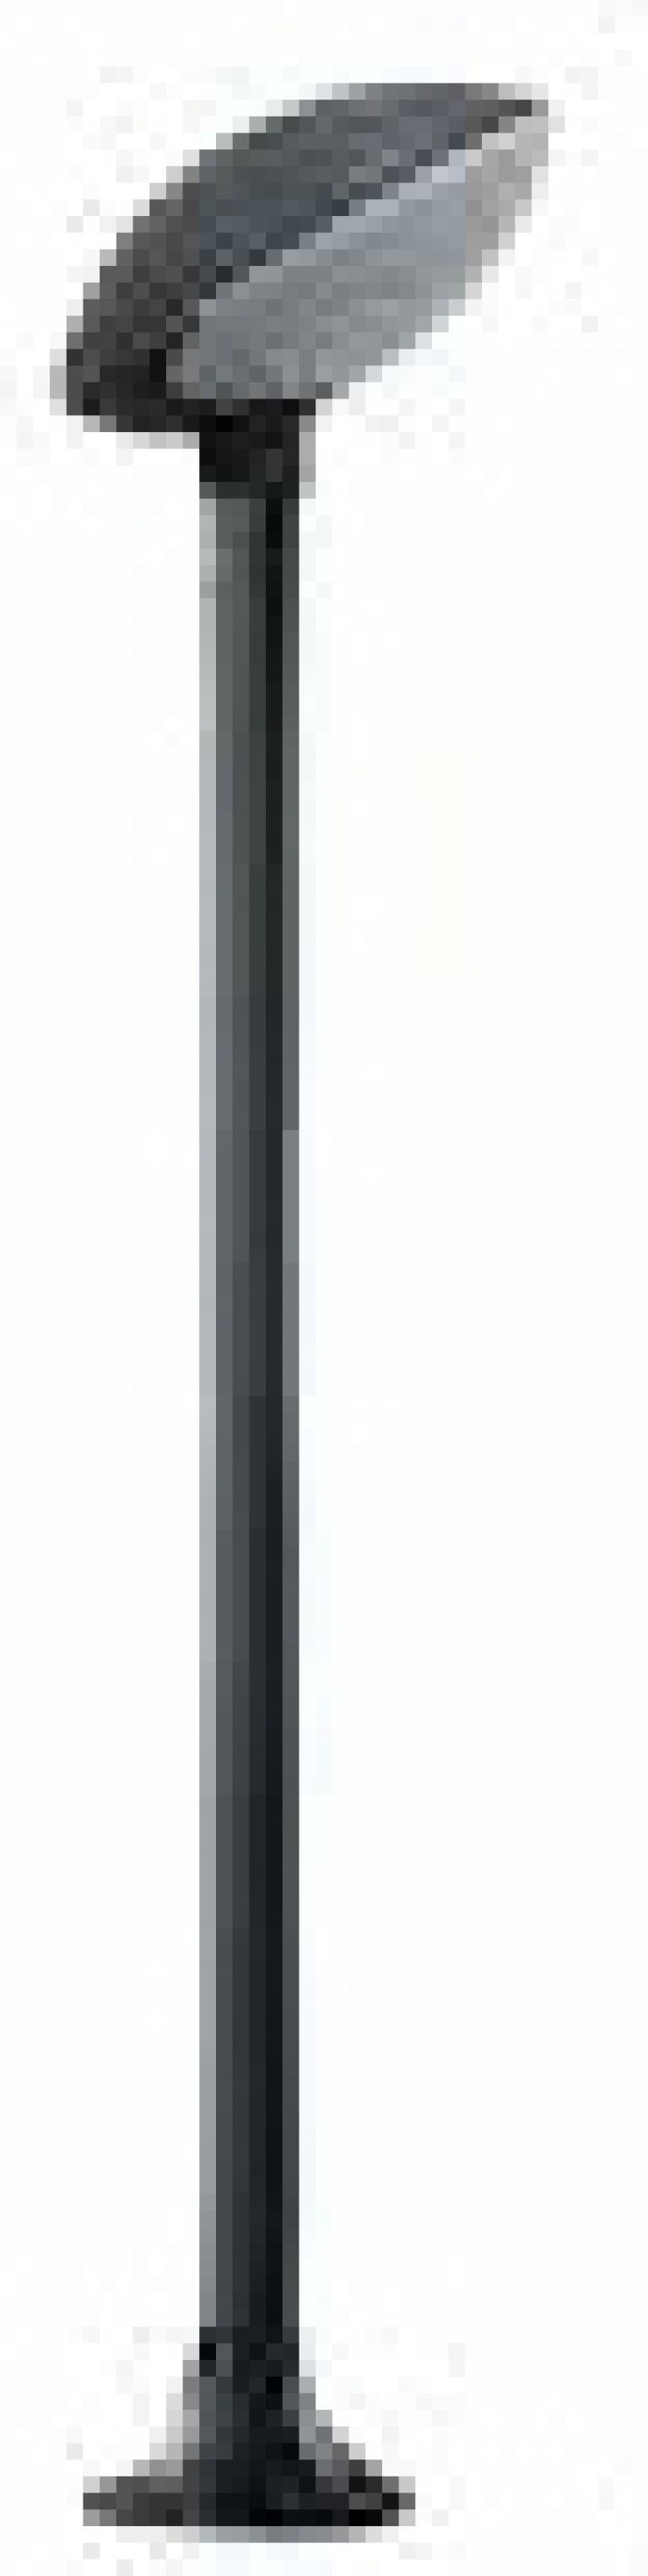 Lampy ogrodowe wys. 110 cm, klosz TAO